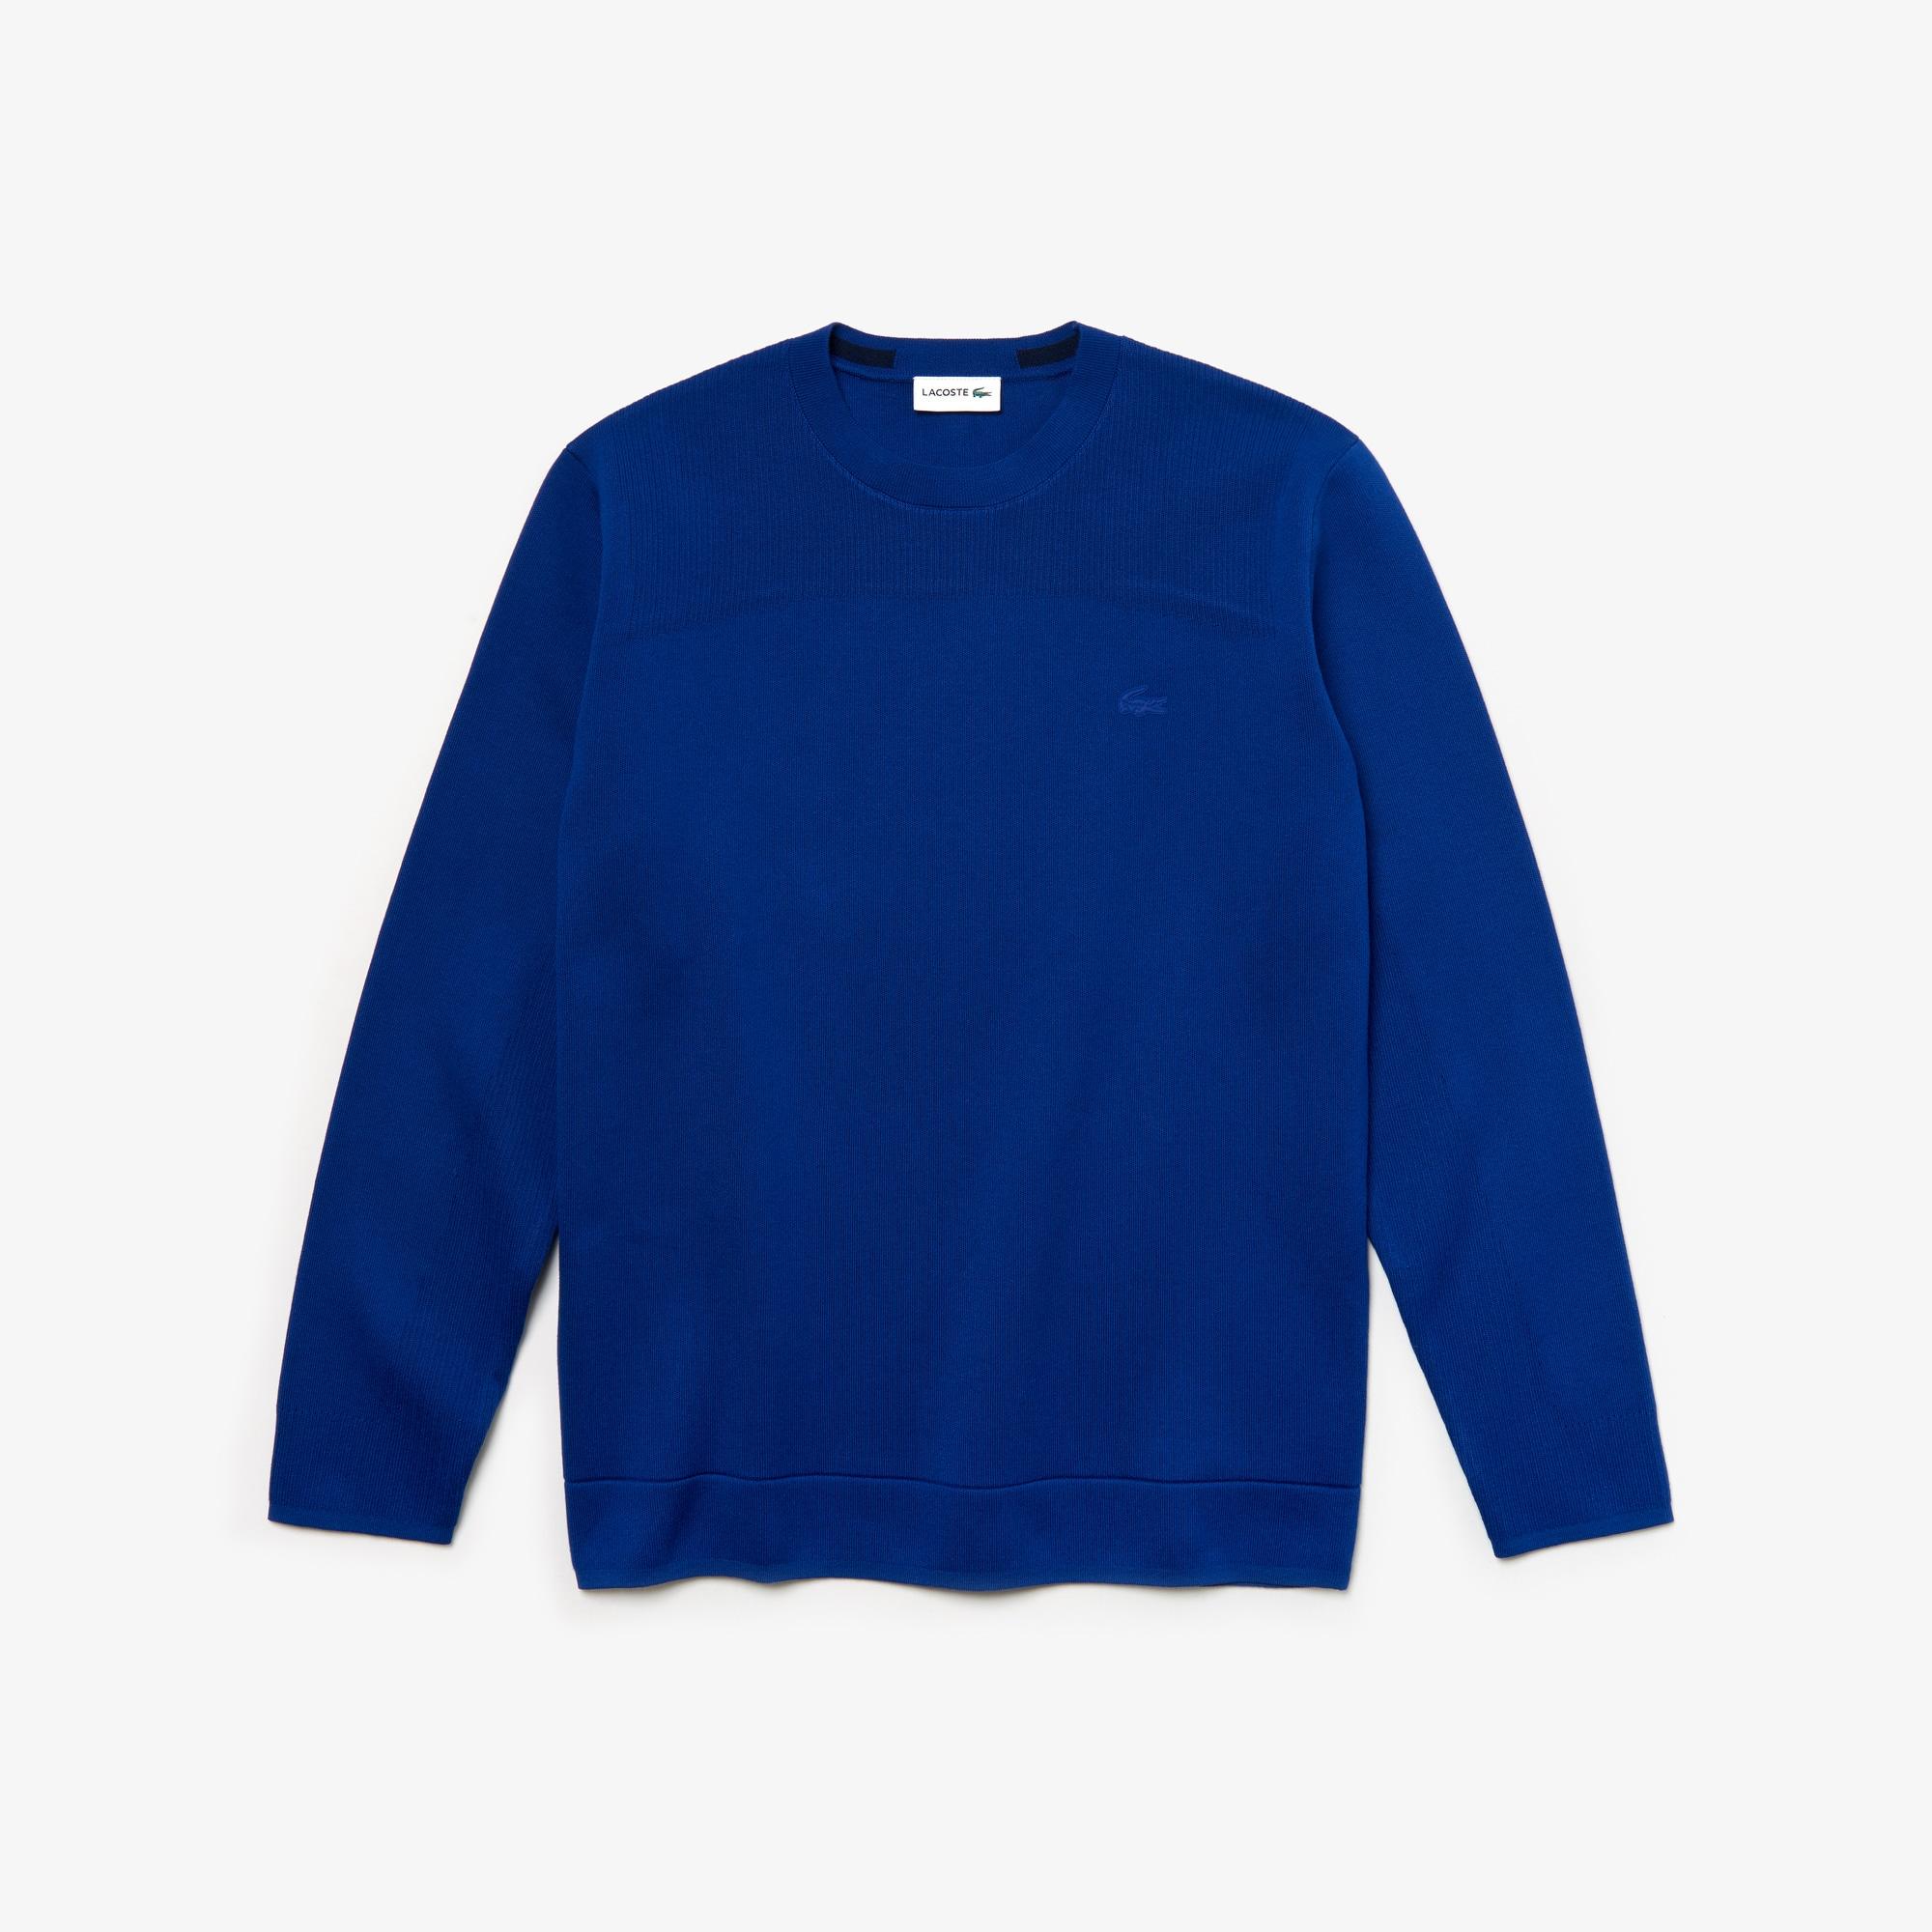 Men's Lacoste Motion Crew Neck Cotton Sweater